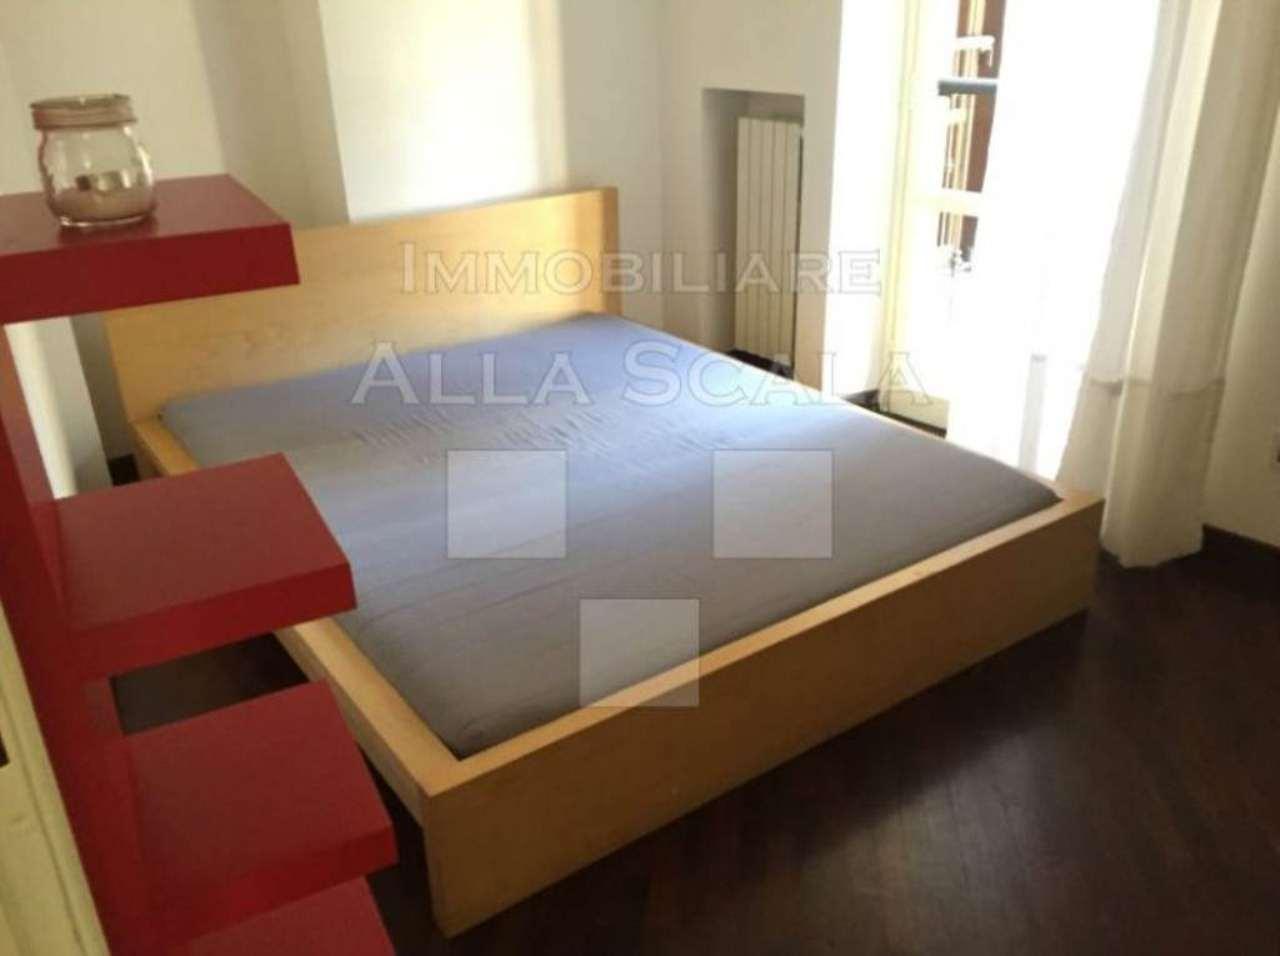 Appartamento in Vendita a Milano: 3 locali, 110 mq - Foto 8